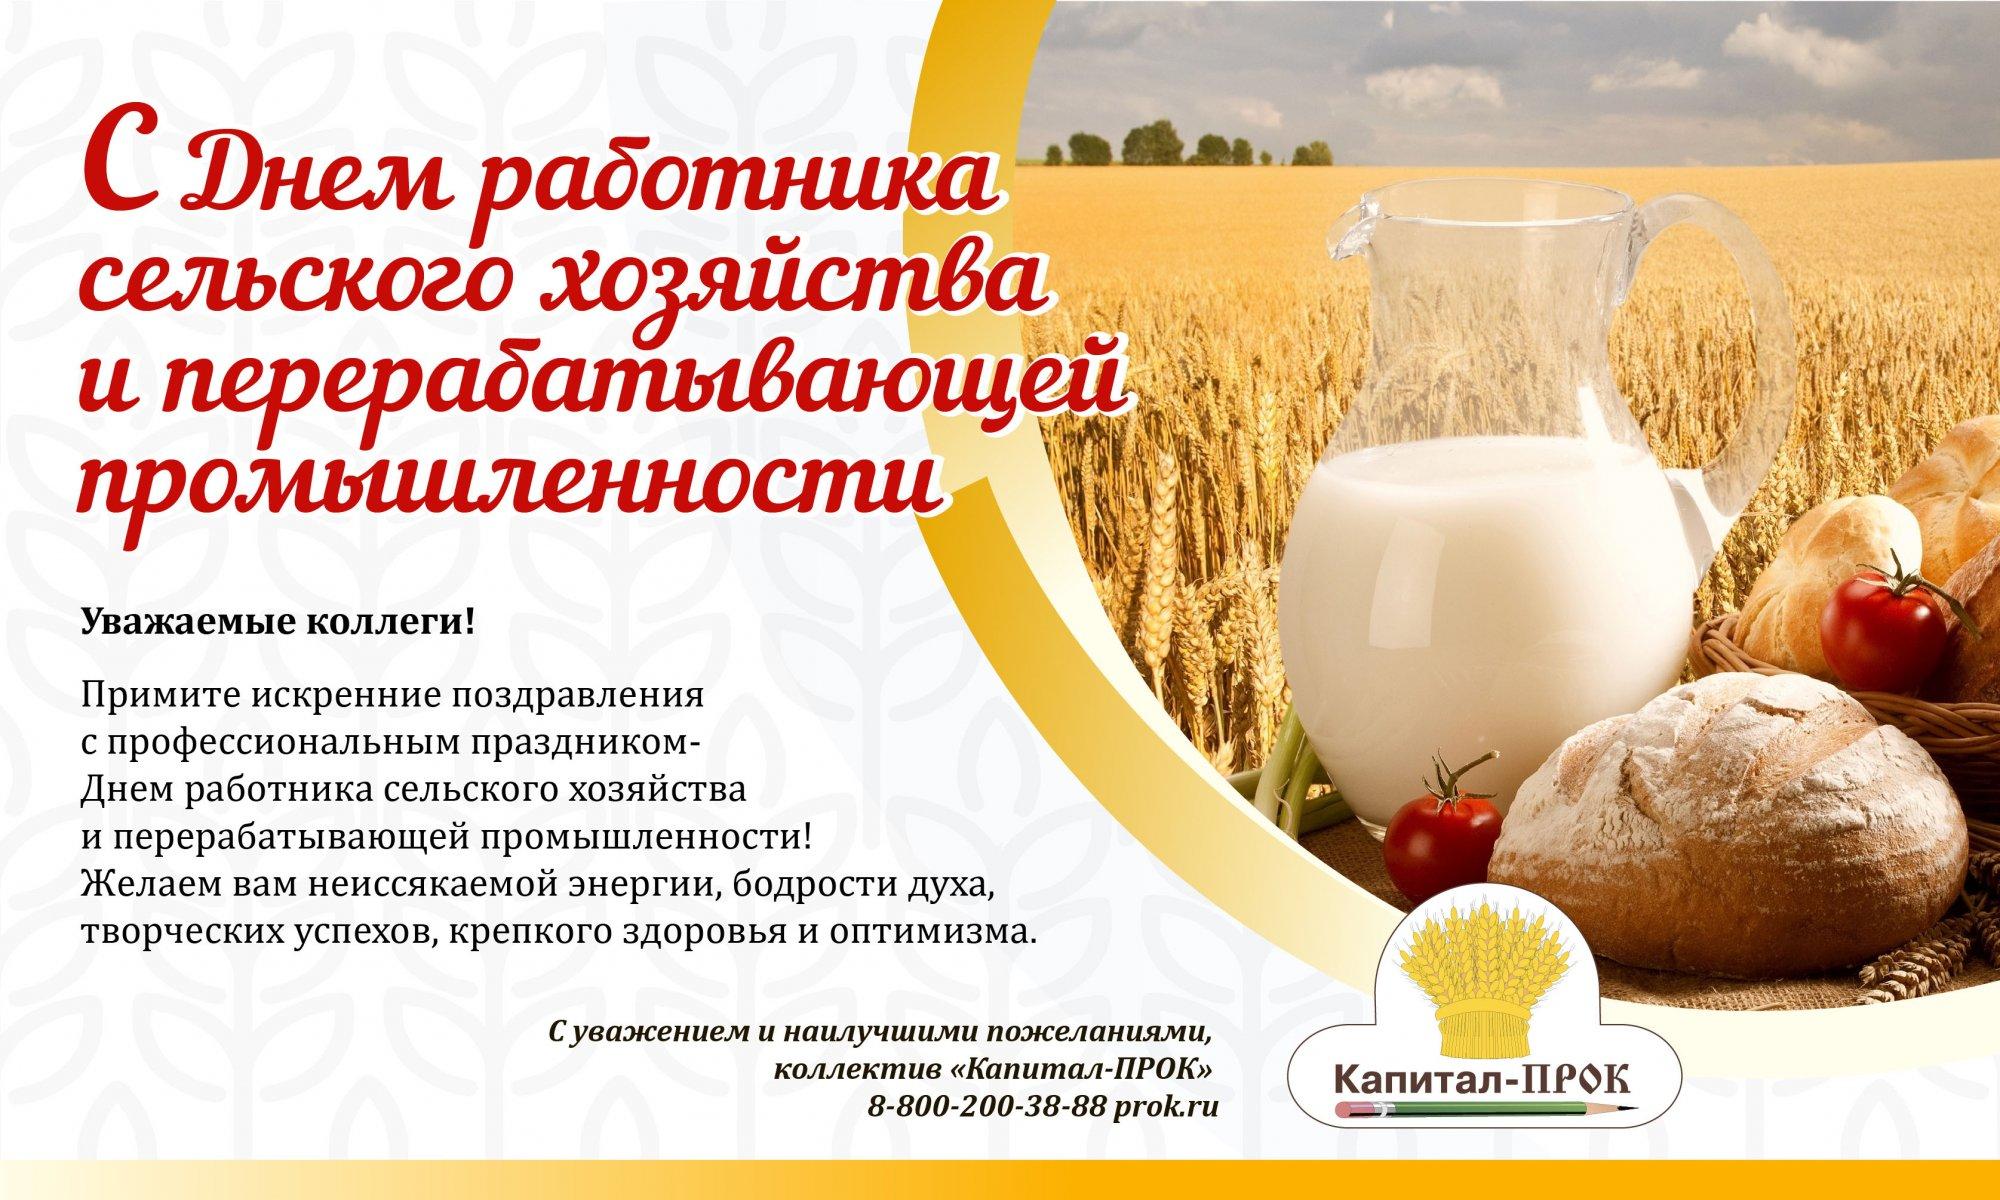 Поздравления к празднику сельского хозяйства коллектив